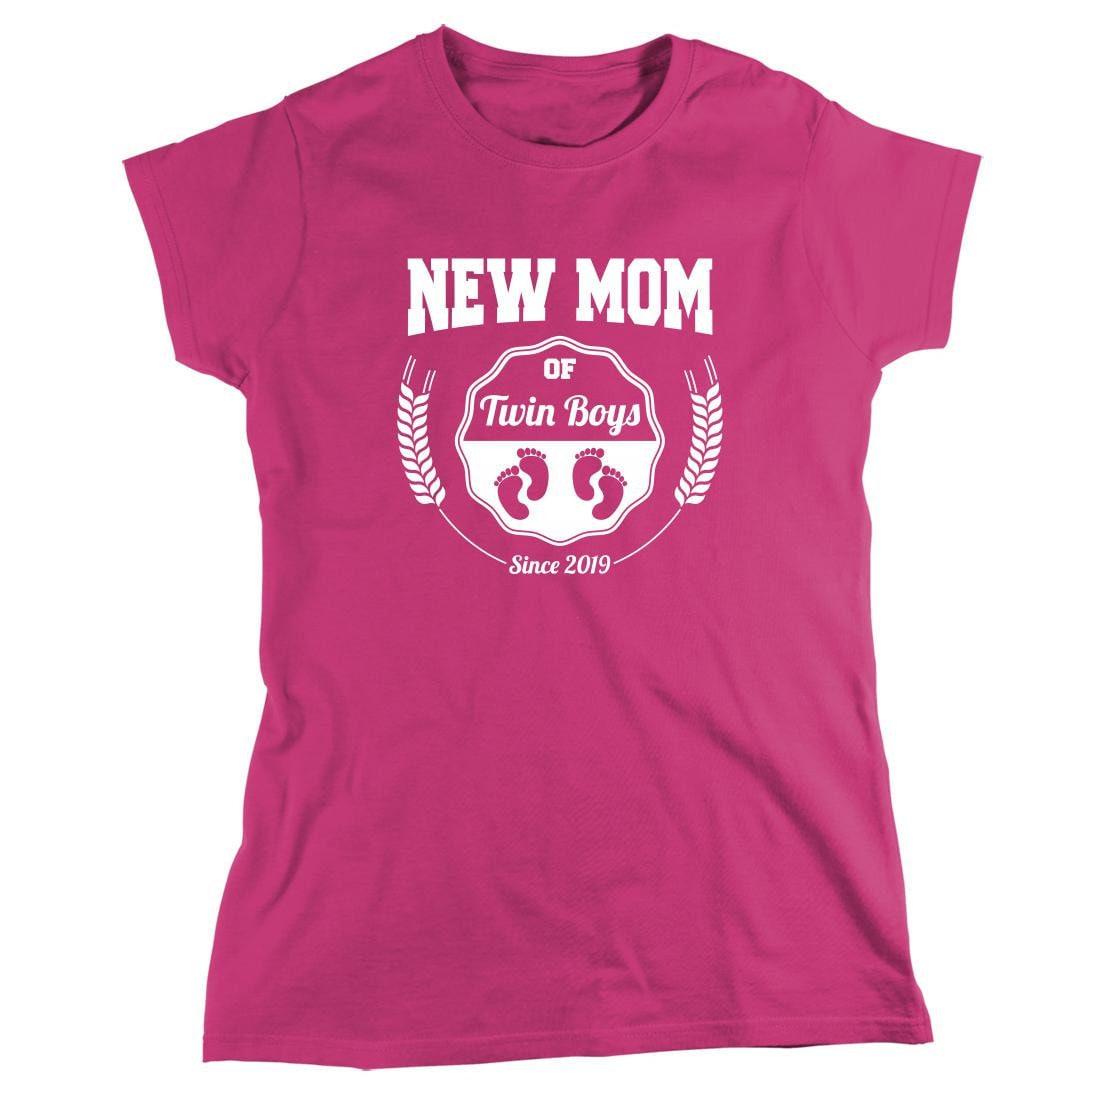 Nouvelle maman de jumeaux garçons depuis 2019 chemise - chemise jumeaux maman, jumeaux chemise maman, bébé, chemise à manches longues disponible - ID: 2353 5d58b3